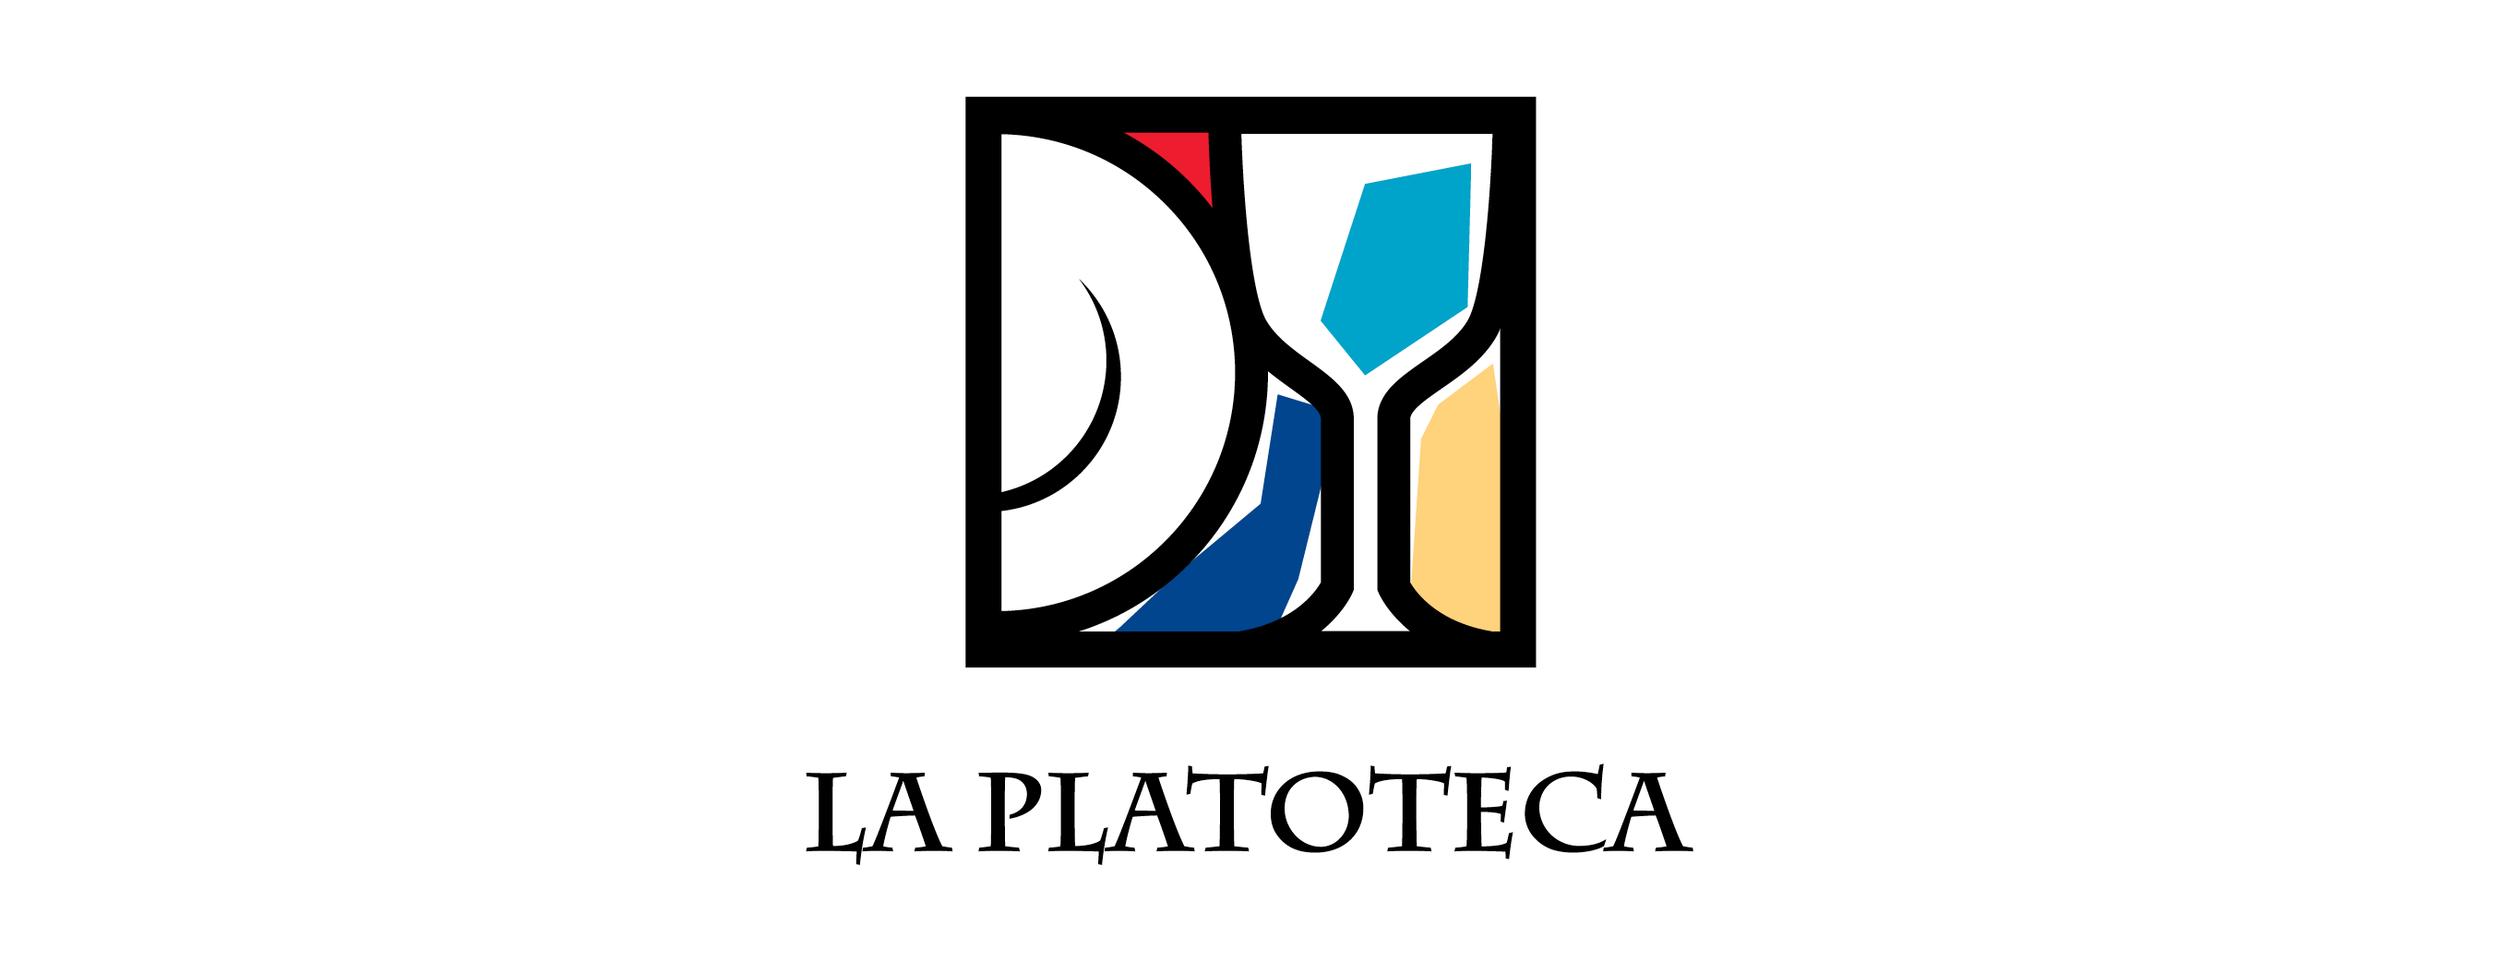 La Platoteca